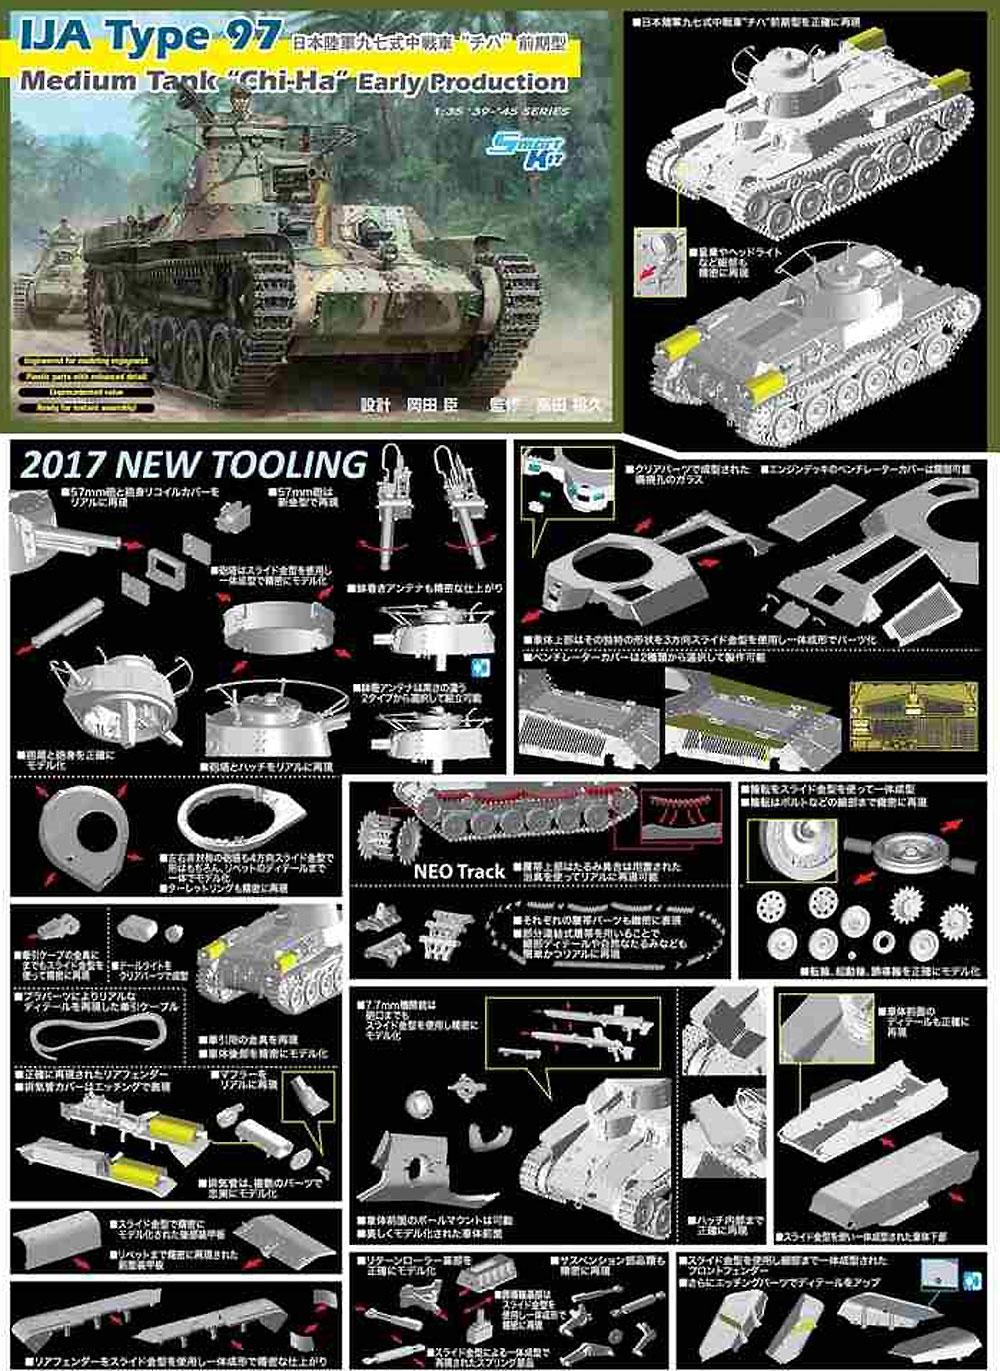 日本陸軍 九七式中戦車 チハ 前期型プラモデル(ドラゴン1/35 '39-'45 SeriesNo.6870)商品画像_4